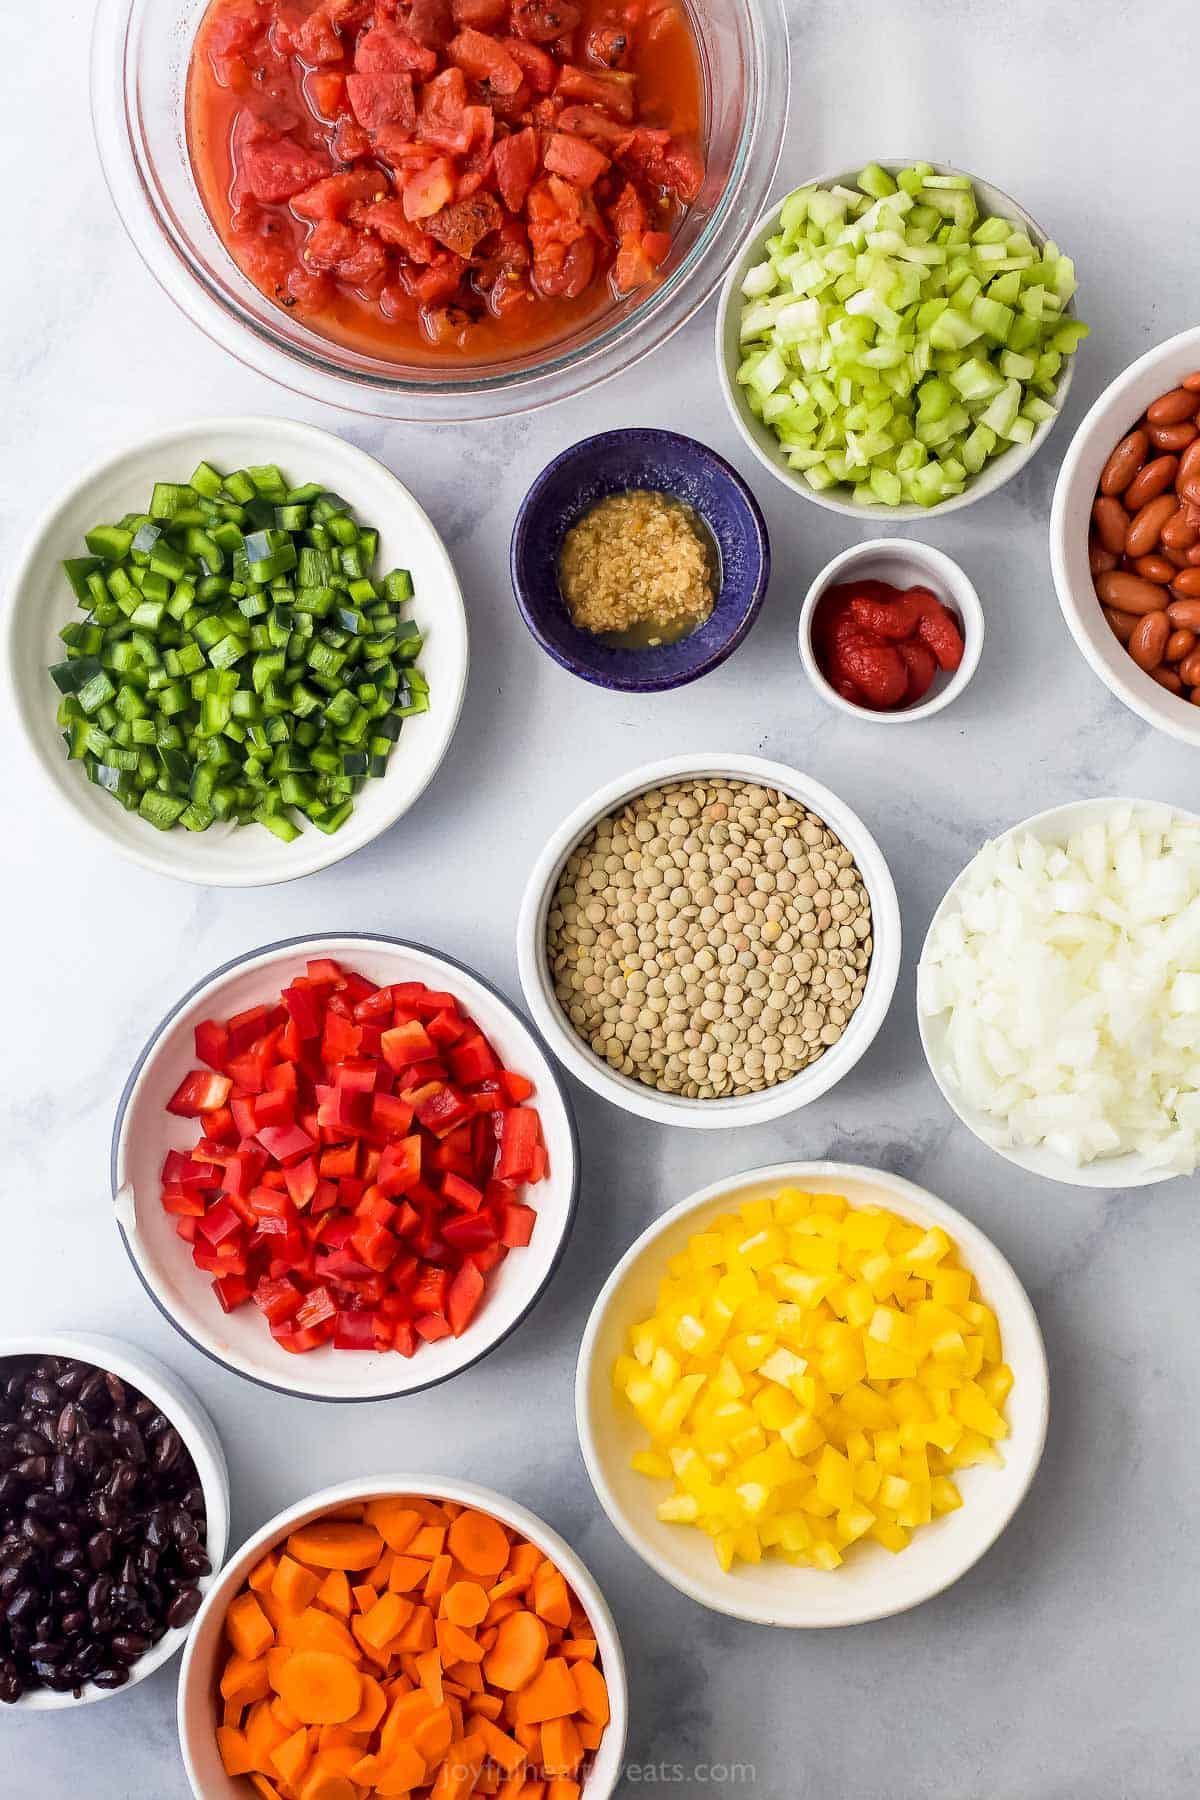 ingredients for vegetarian lentil chili